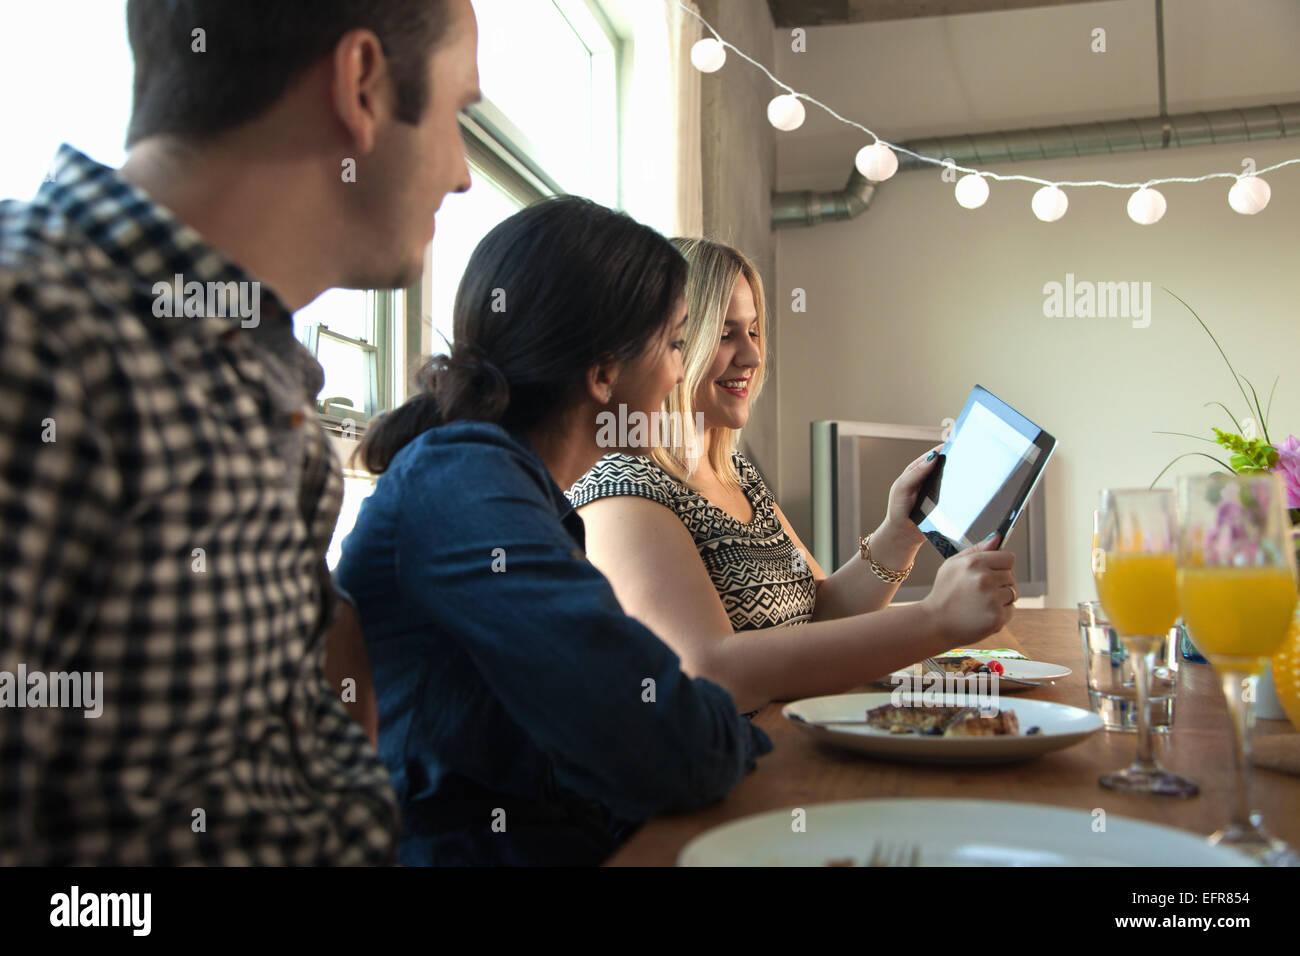 Grupo de amigos a la mesa, mirando la pantalla de Tablet PC digital Imagen De Stock